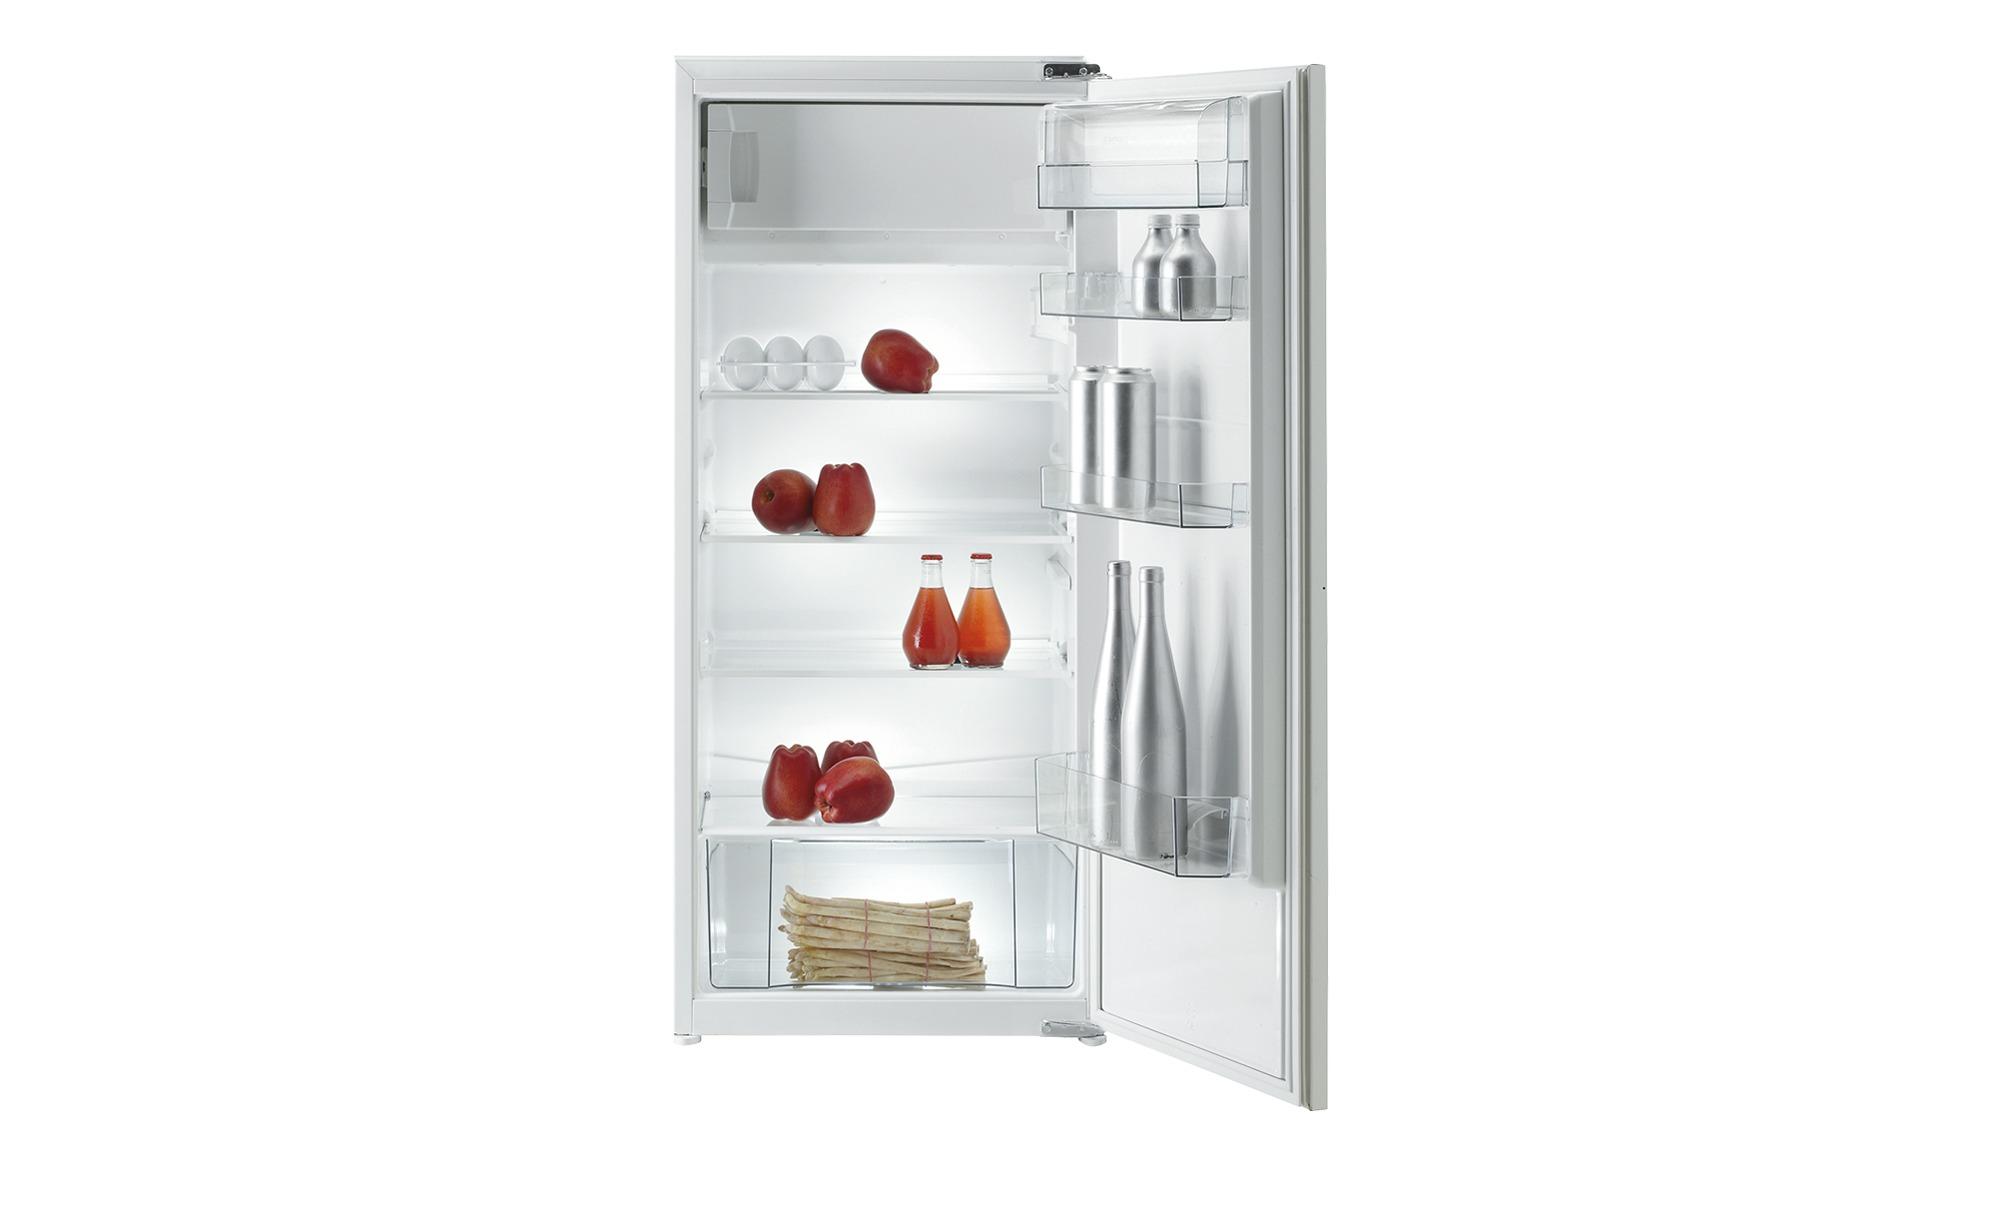 Gorenje Kühlschrank Orb 153 : Gorenje kühlschränke online kaufen möbel suchmaschine